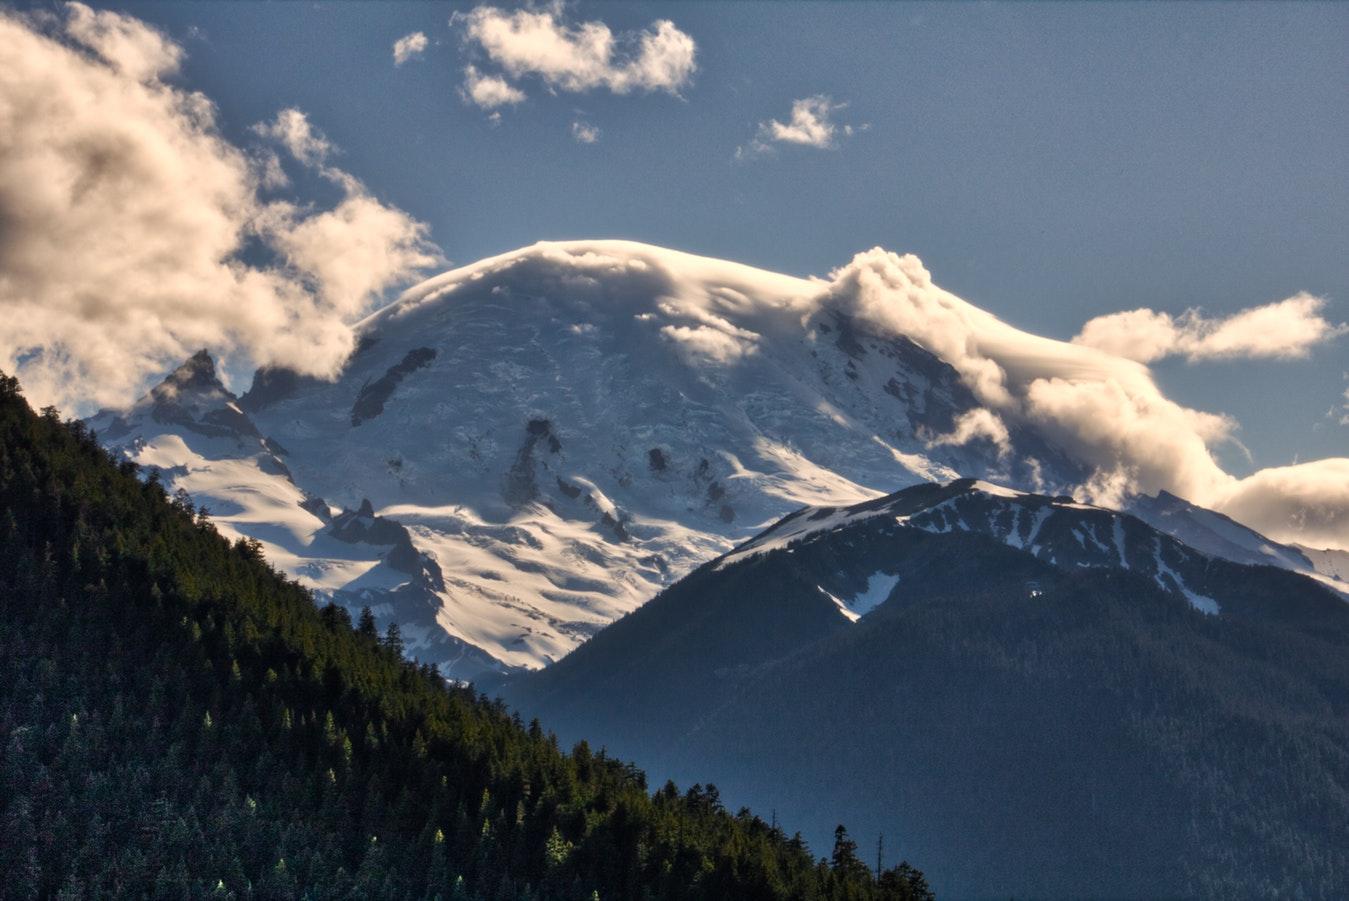 Mt. Hood mountain